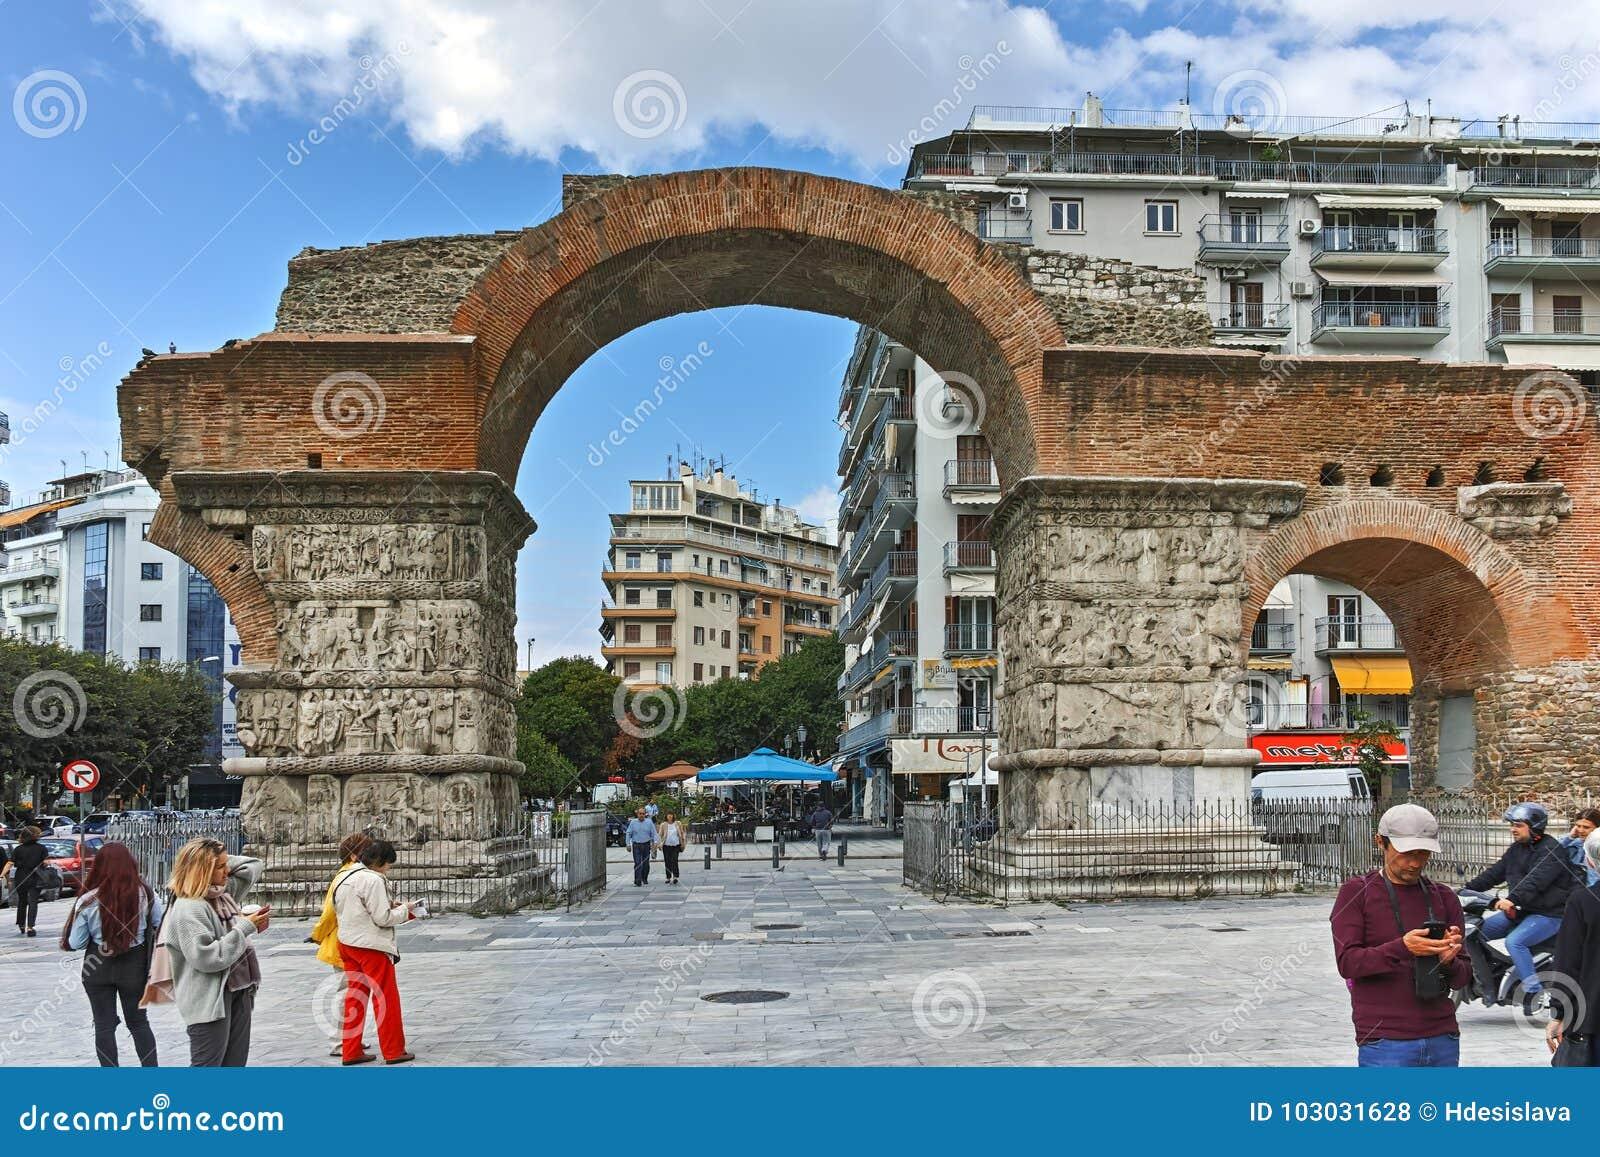 THESSALONIKI GREKLAND - SEPTEMBER 30, 2017: Roman Arch av Galerius i mitten av staden av Thessaloniki, centrala Makedonien